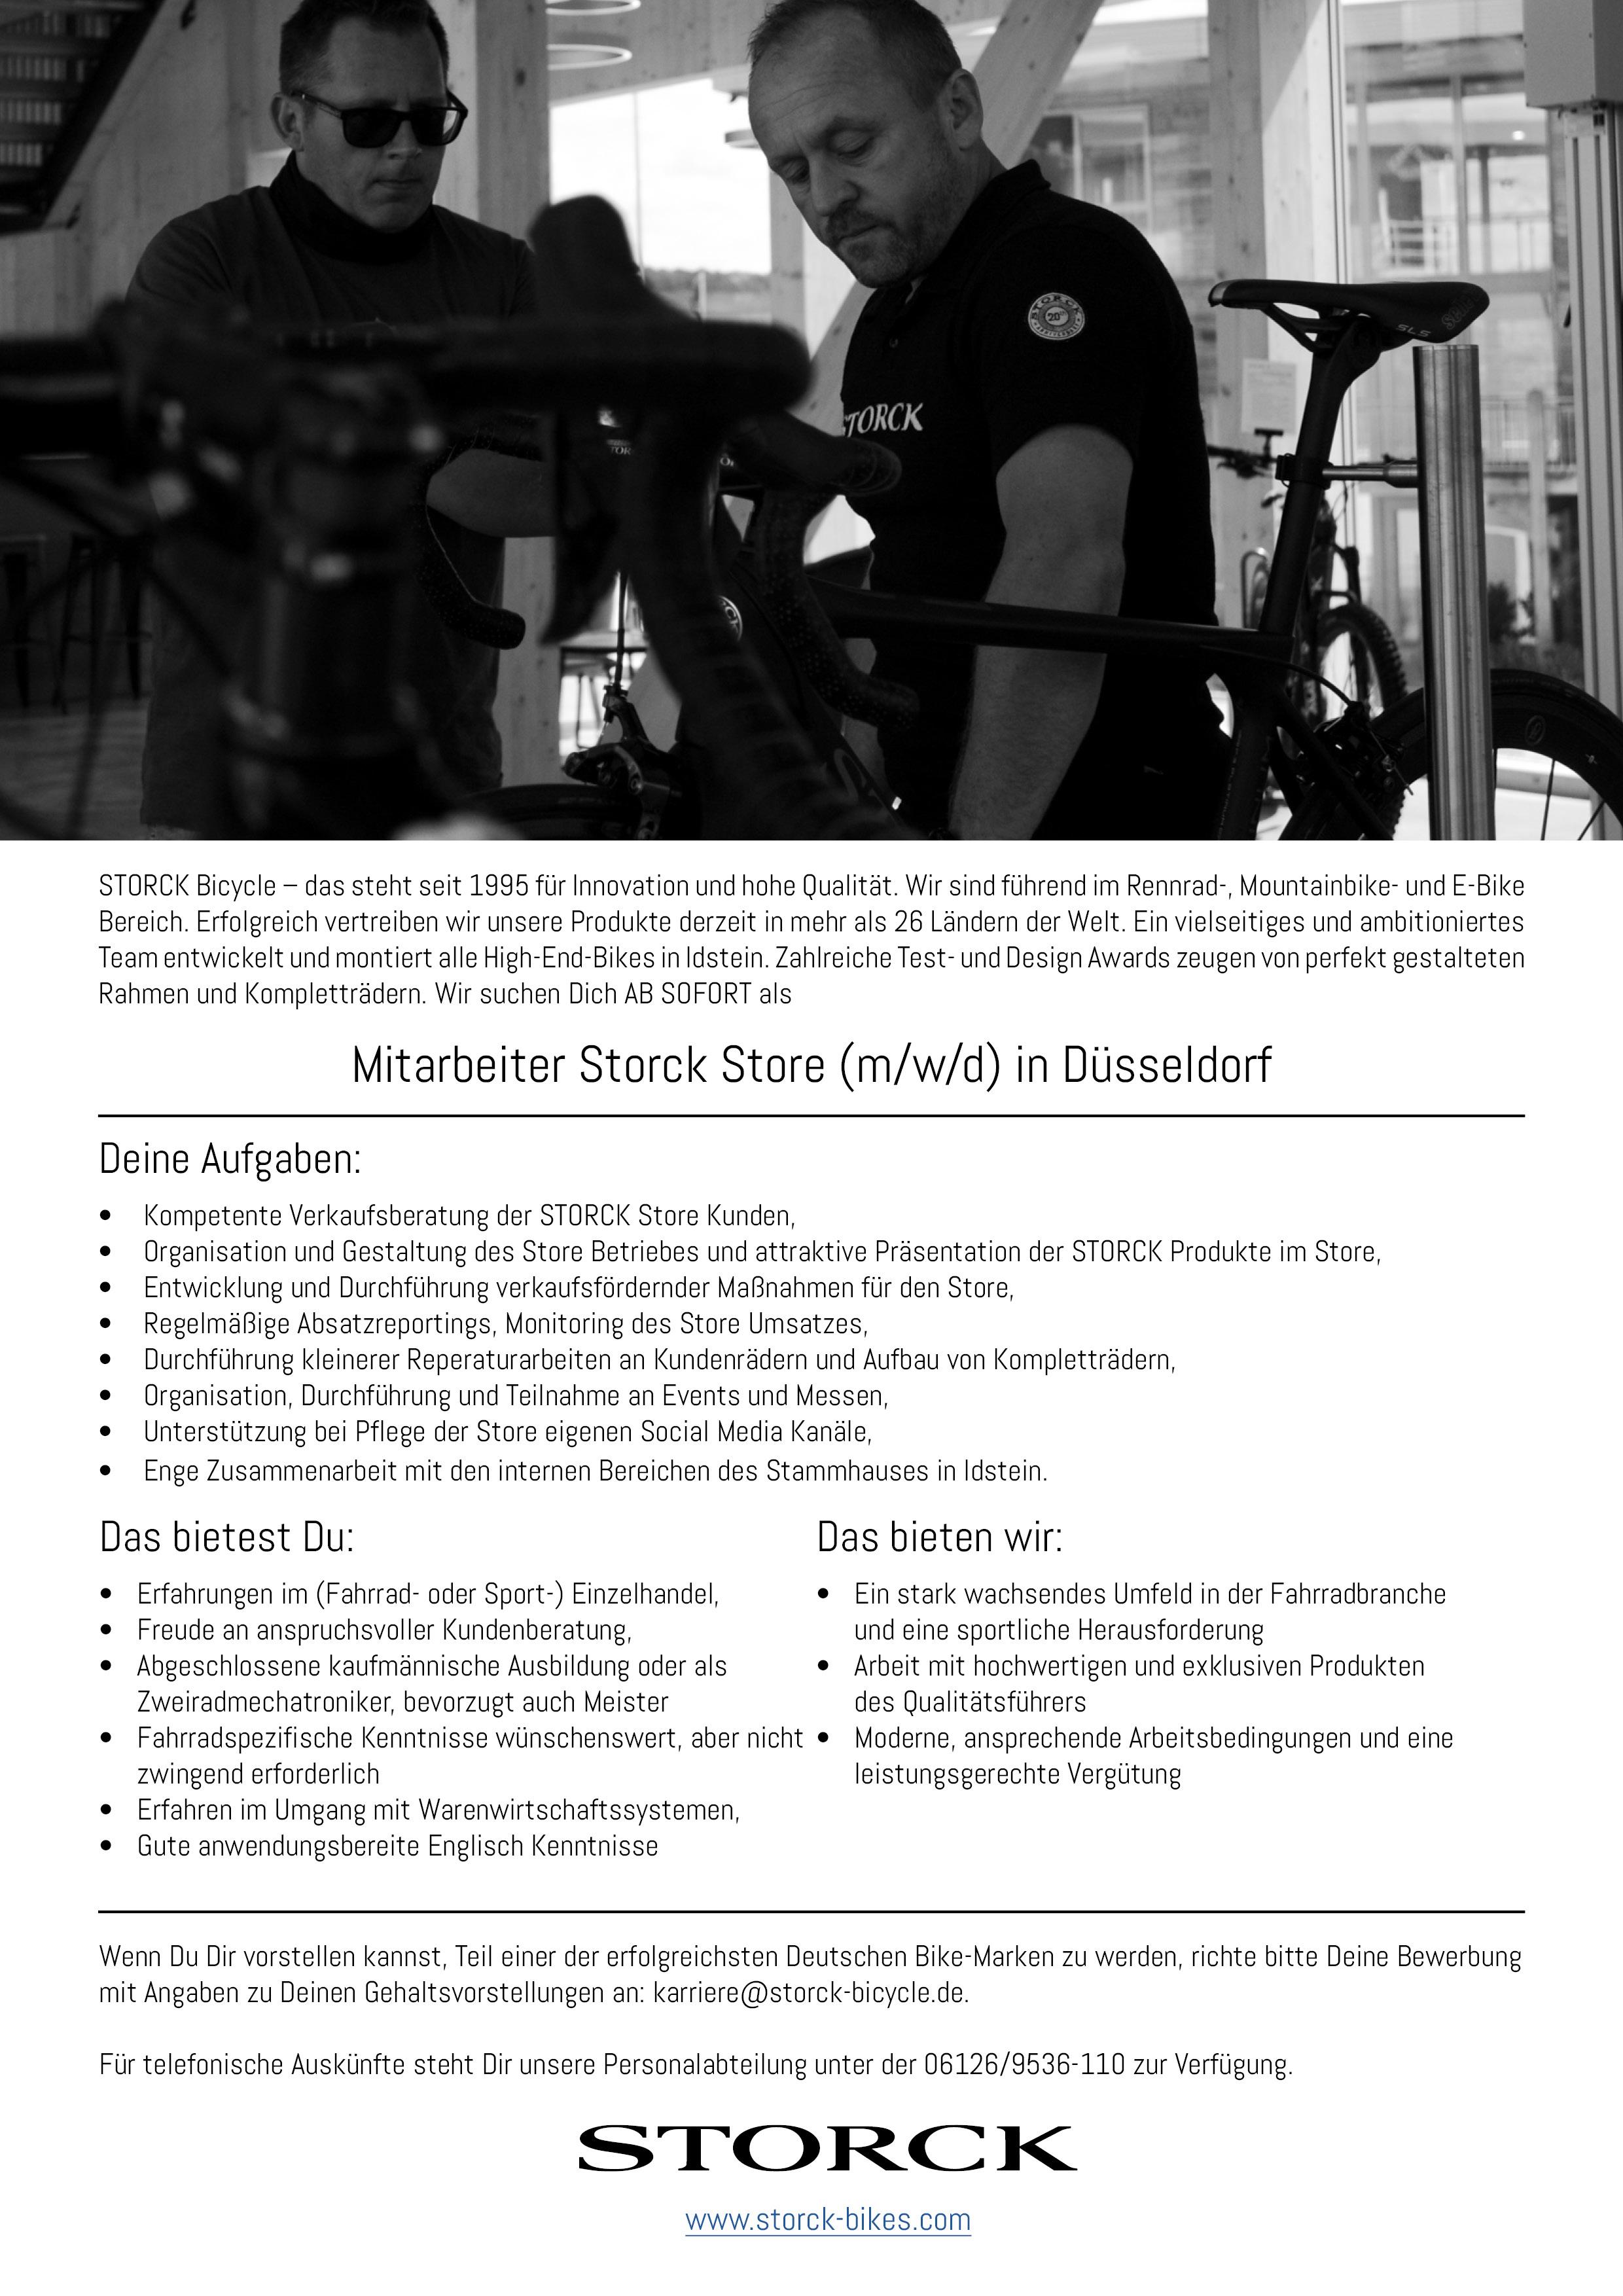 Mitarbeiter Storck Store (m/w/d) in Düsseldorf